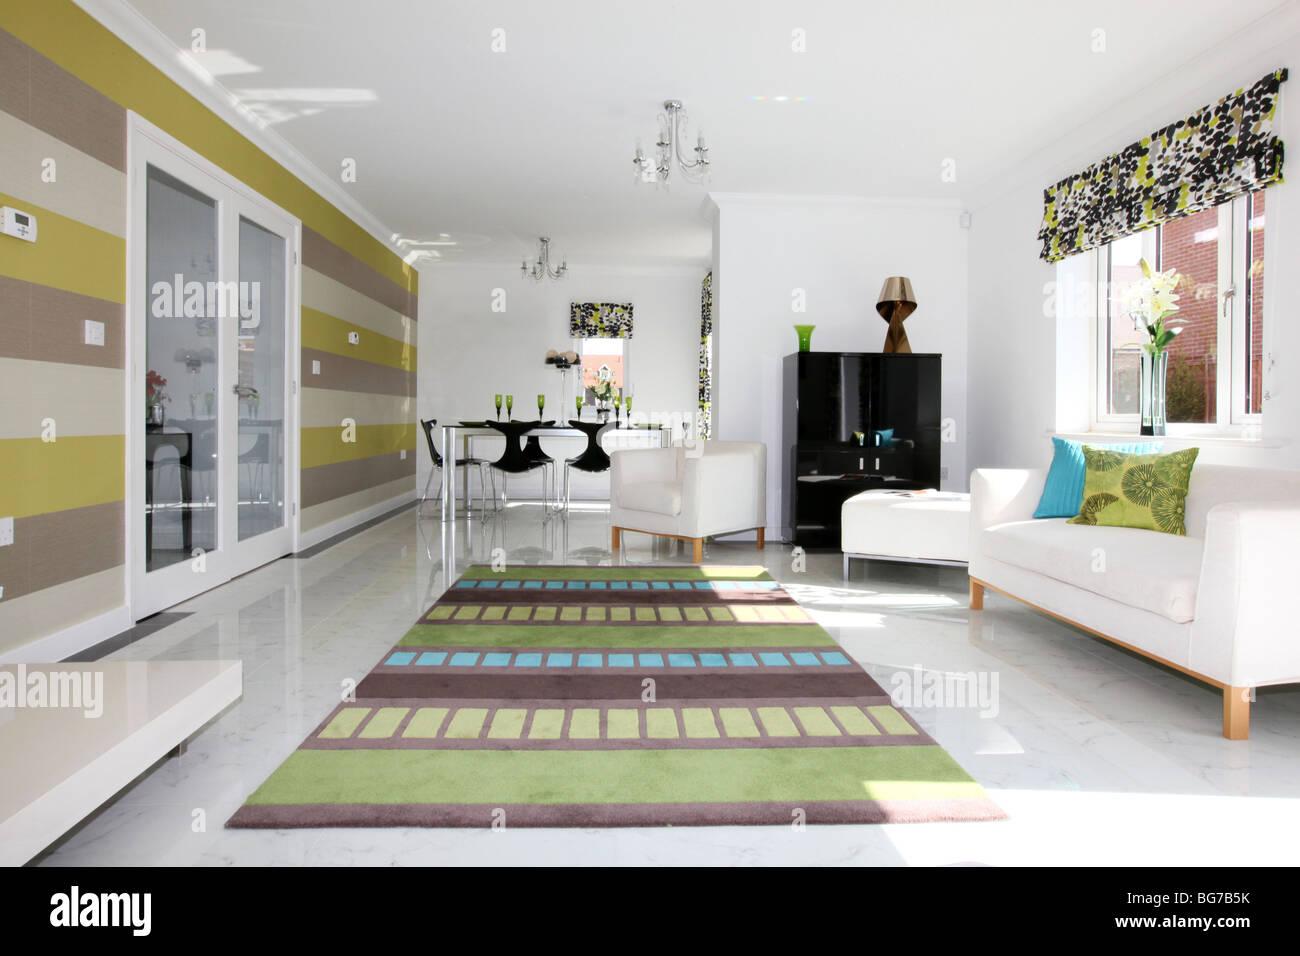 Stilvolles Und Modernes Wohnzimmer Mit Marmor Geflieste Boden Sehr